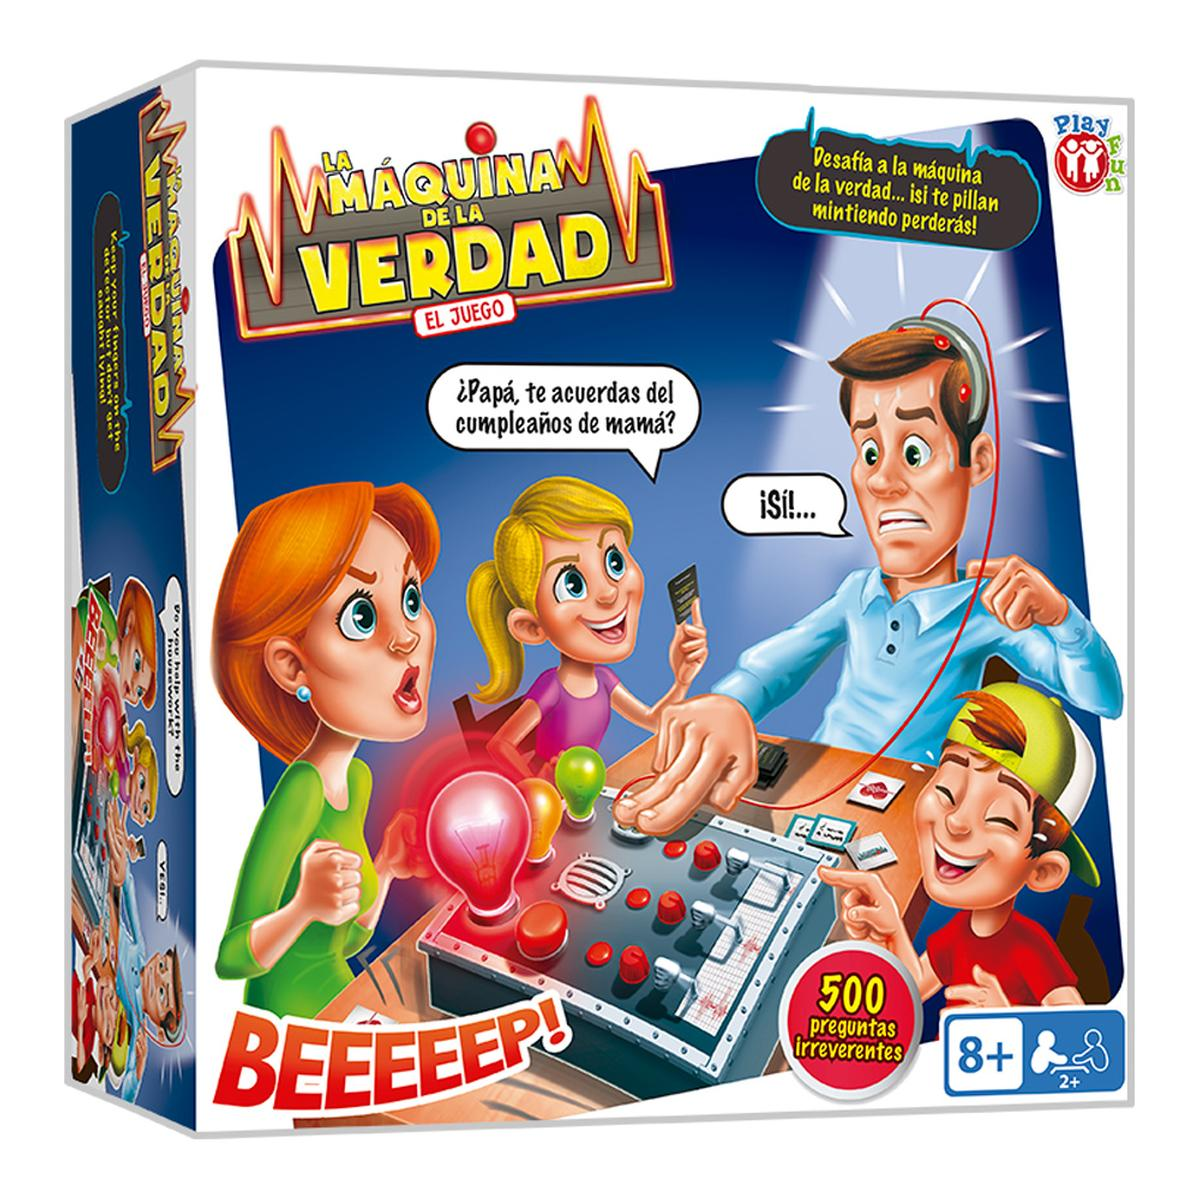 Máquina De La Verdad Juegos Niños 5 Años Tienda De Juguetes Y Videojuegos Juguetería Online Toysrus